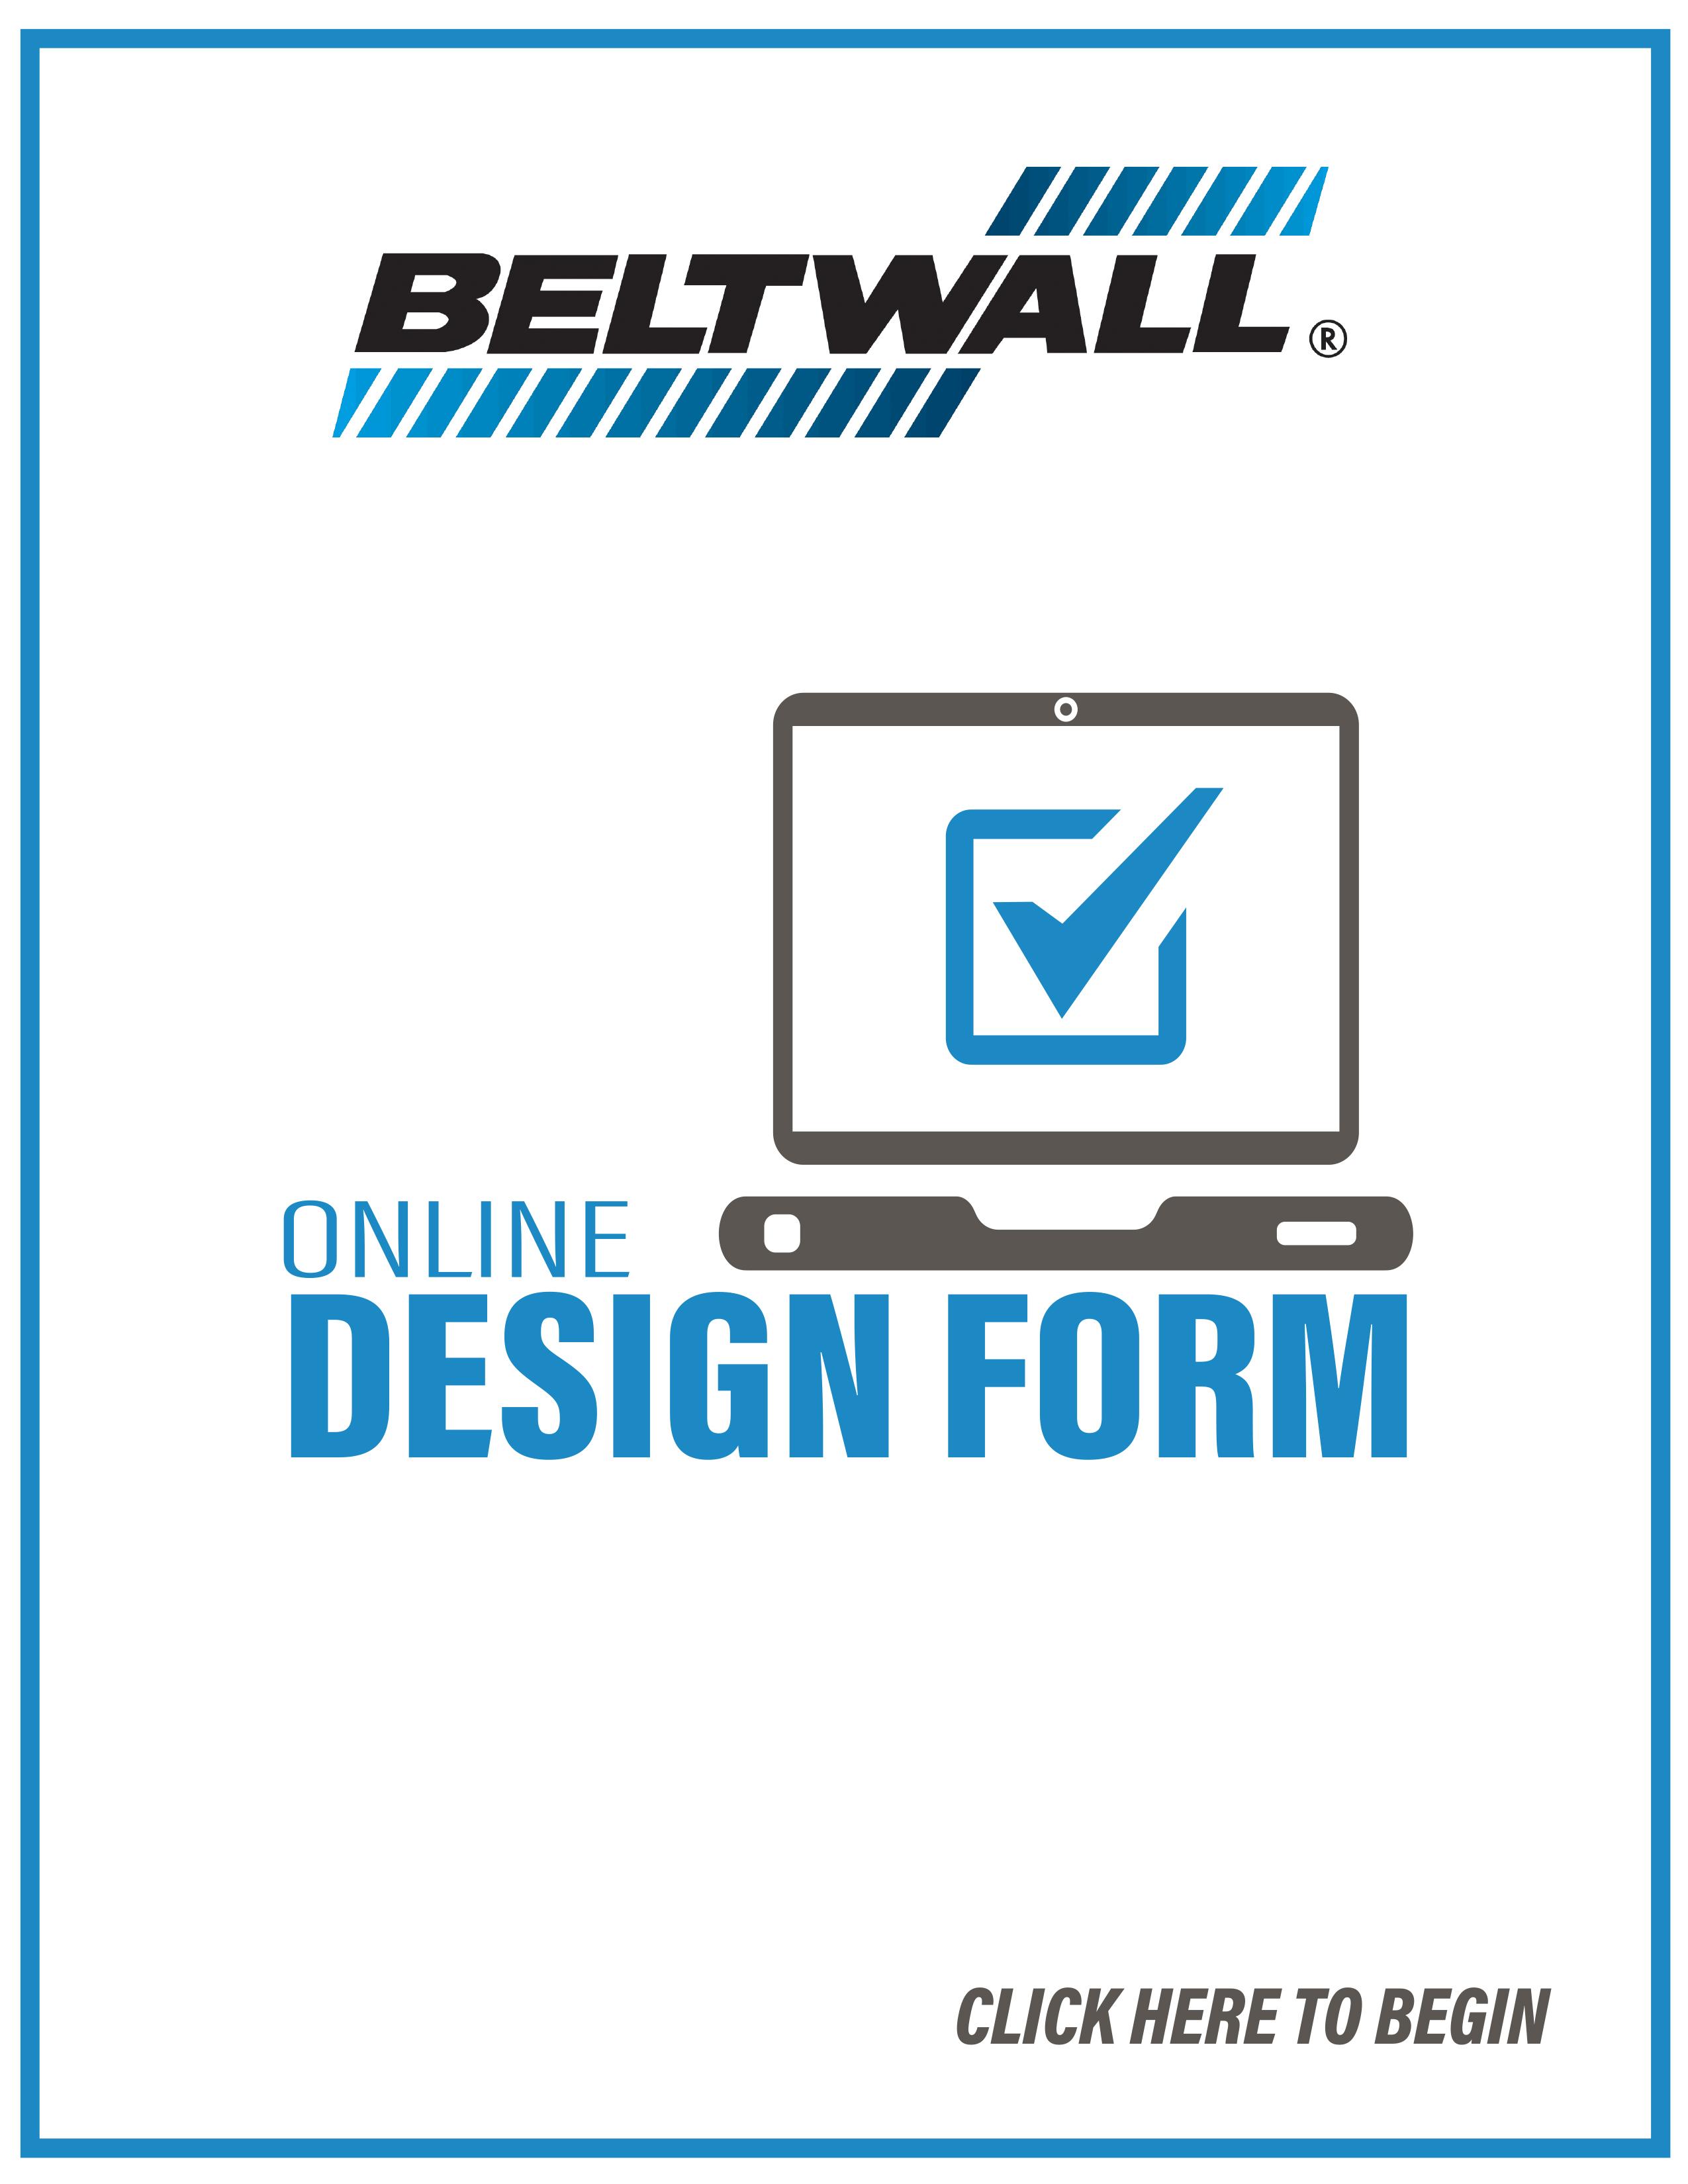 Beltwall - Design Form